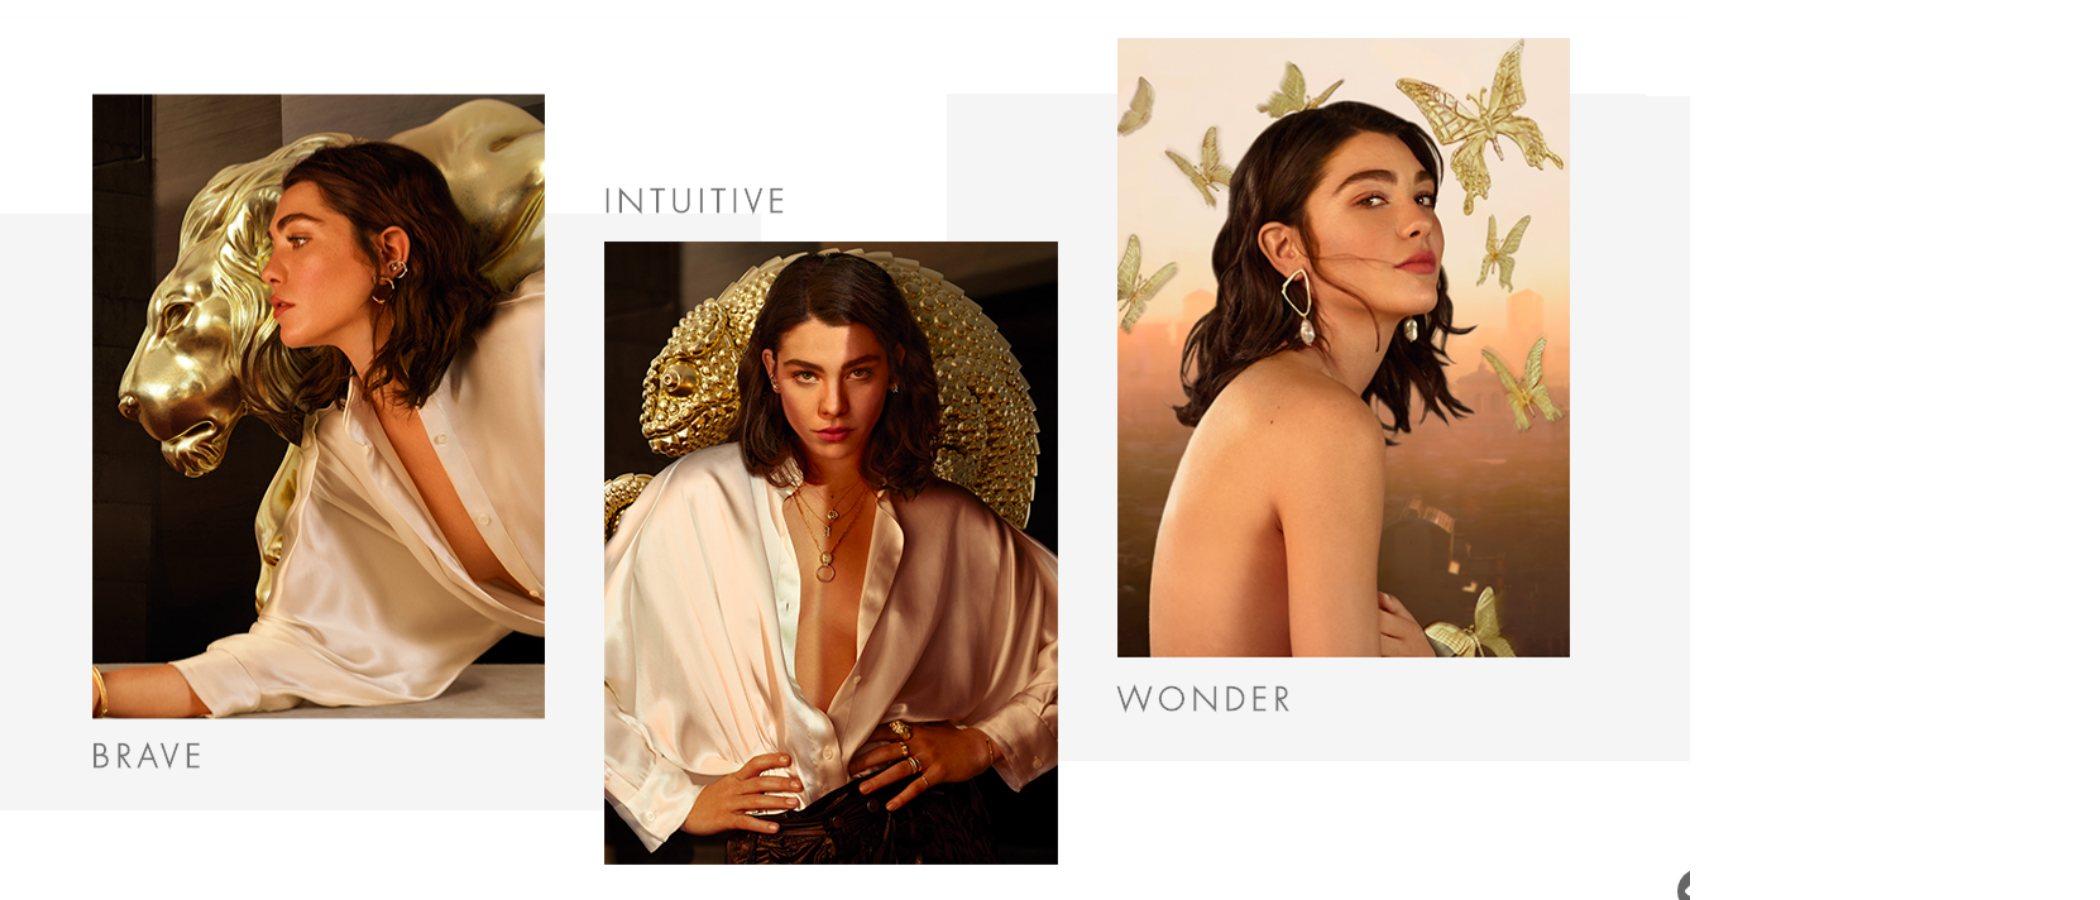 Aristocrazy se estrena en el mundo de las fragancias con el lanzamiento de 'Intuitive', 'Wonder' y 'Brave'